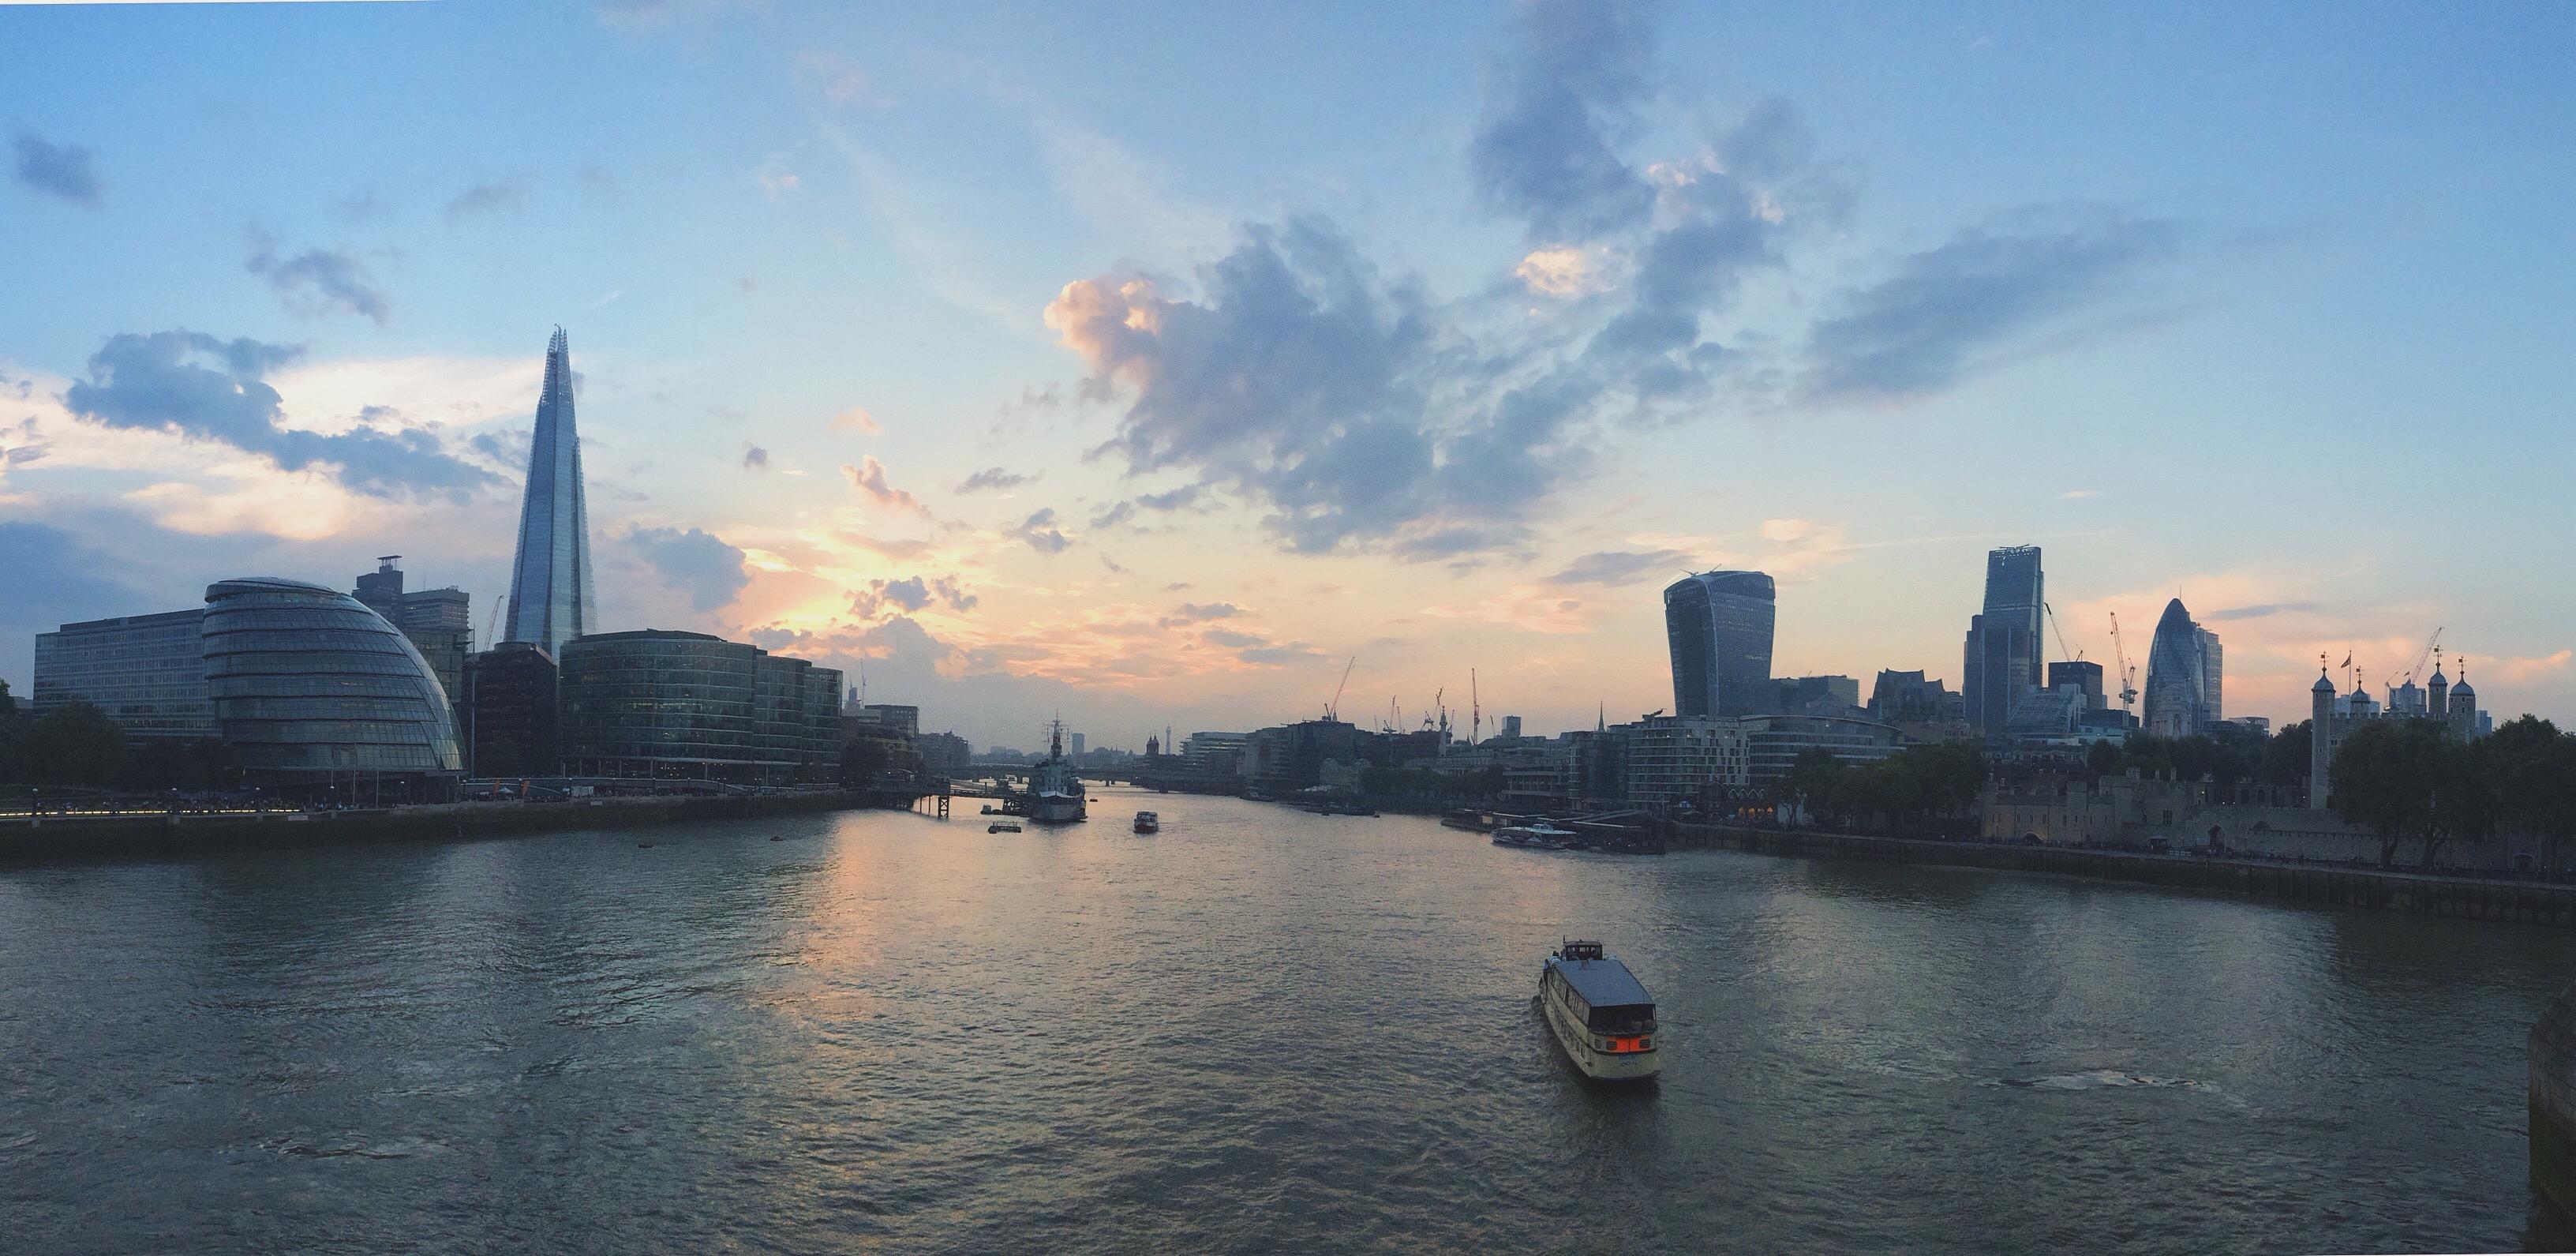 London as dusk.